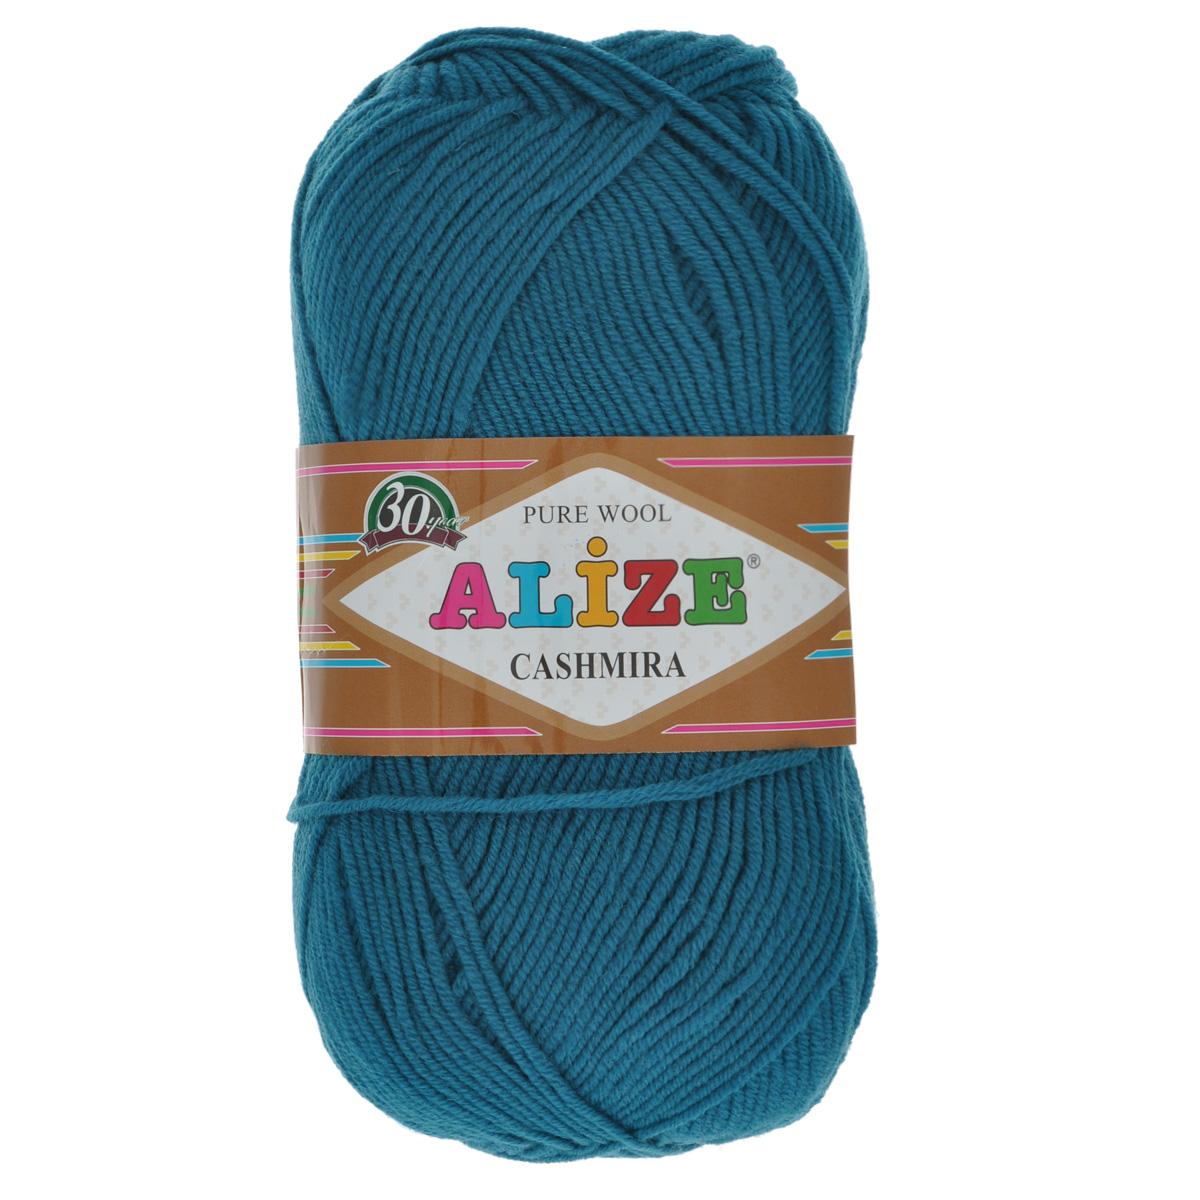 Пряжа для вязания Alize Cashmira, цвет: петрольный (17), 300 м, 100 г, 5 шт364009_17Пряжа для вязания Alize Cashmira изготовлена из 100% шерсти. Пряжа упругая, эластичная, тёплая, уютная и не колется, что очень подходит для детей. Тоненькая нитка прекрасно подойдет для вязки демисезонных вещей. Пряжа легко распускается и перевязывается несколько раз, не деформируясь и не влияя на вид изделия. Натуральная шерстяная нить, обеспечивает изделию прекрасную форму. Рекомендуется ручная стирка при температуре 30 °C. Рекомендованные спицы № 3-5, крючок № 2-4.